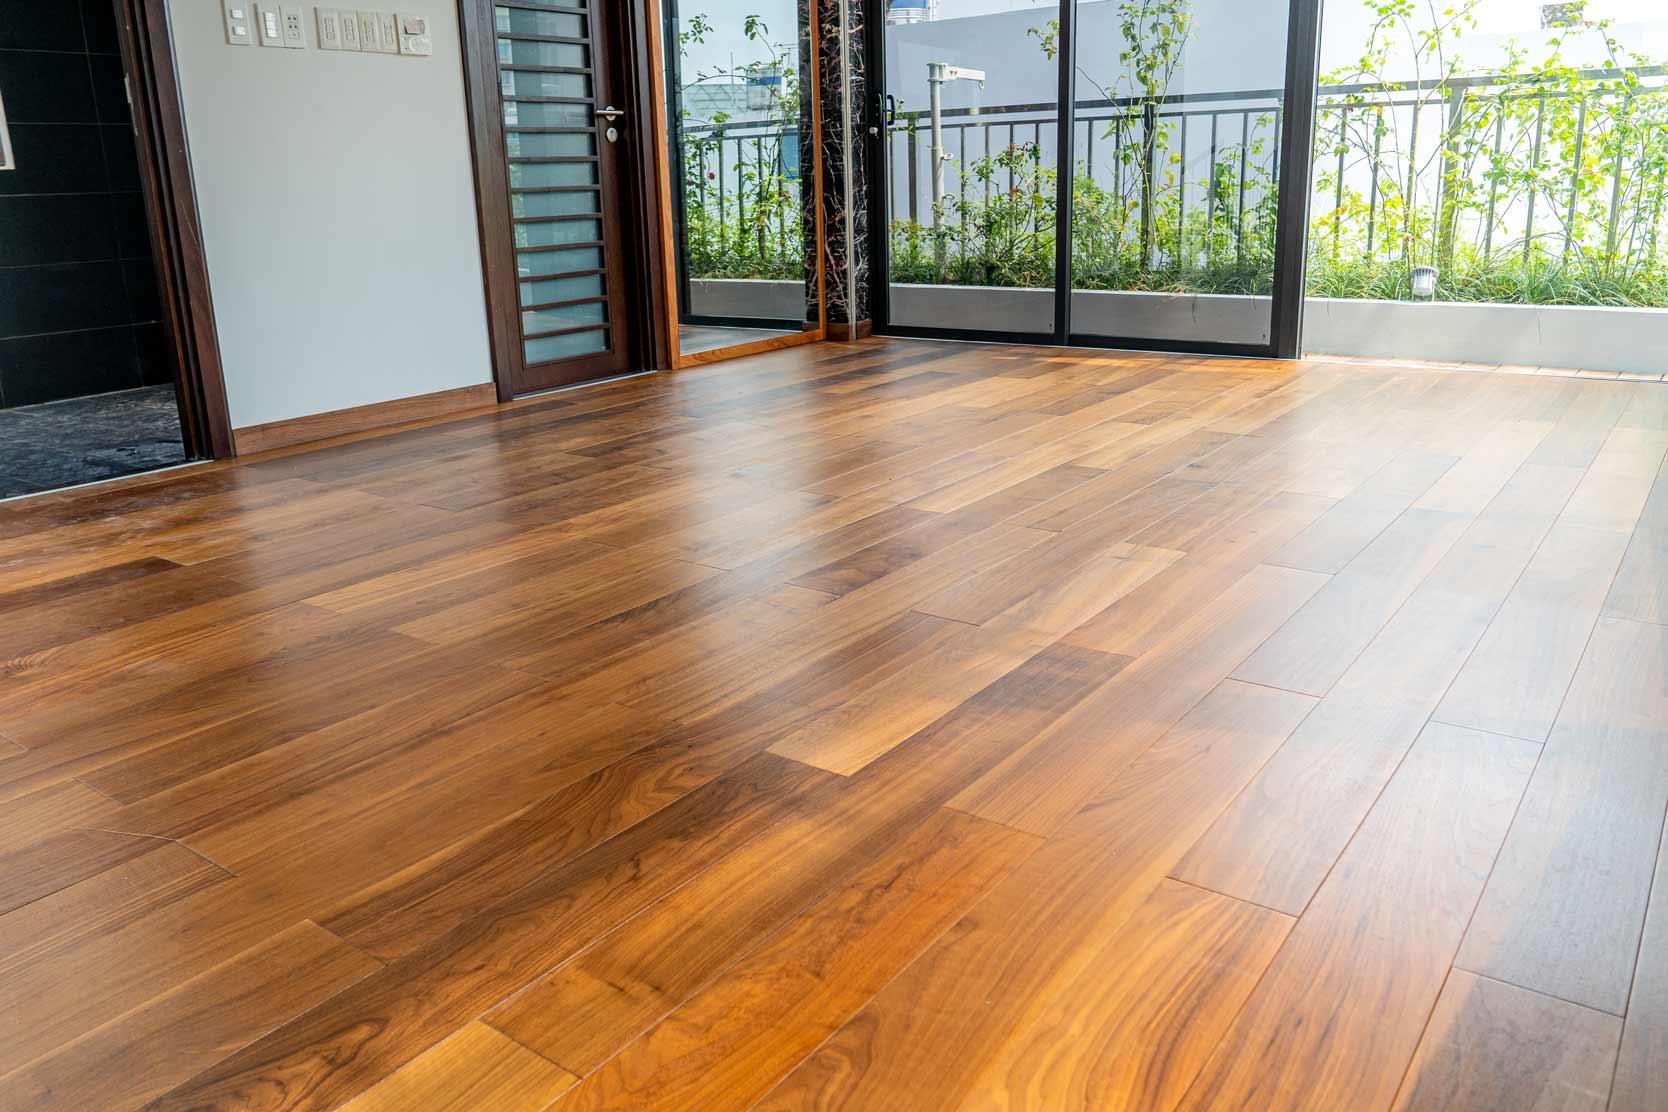 Hình ảnh thi công sàn gỗ tự nhiên trong nhà